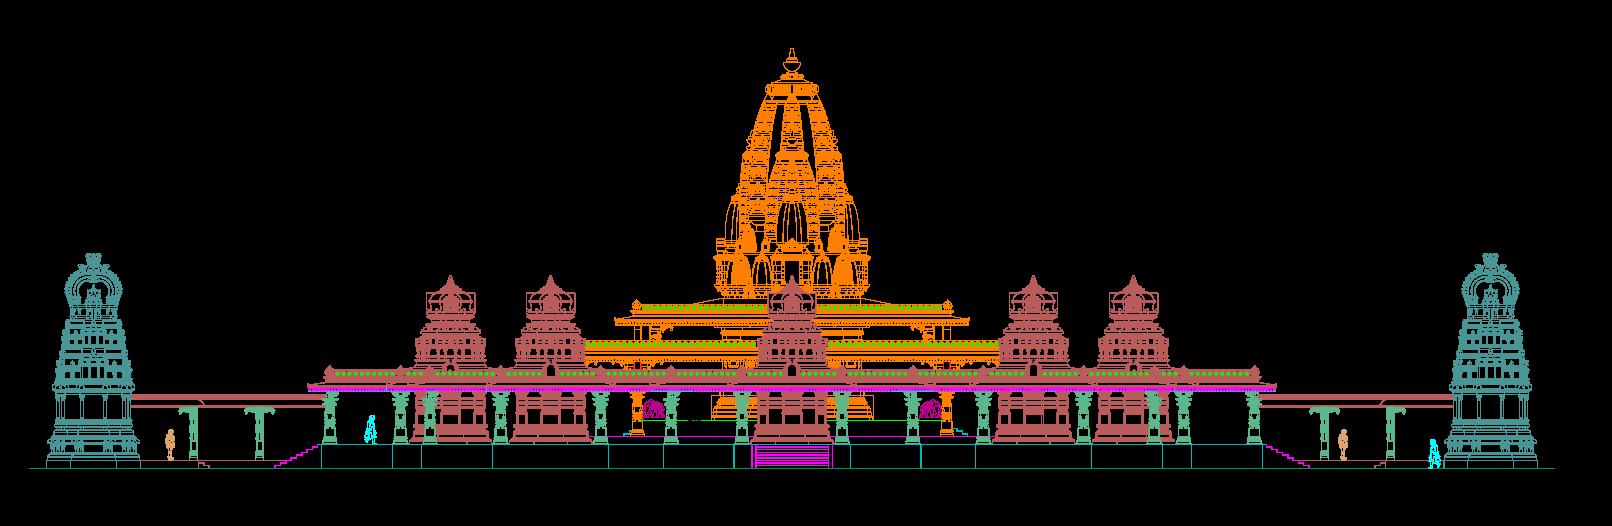 Construction of Ashtabhairava Temple